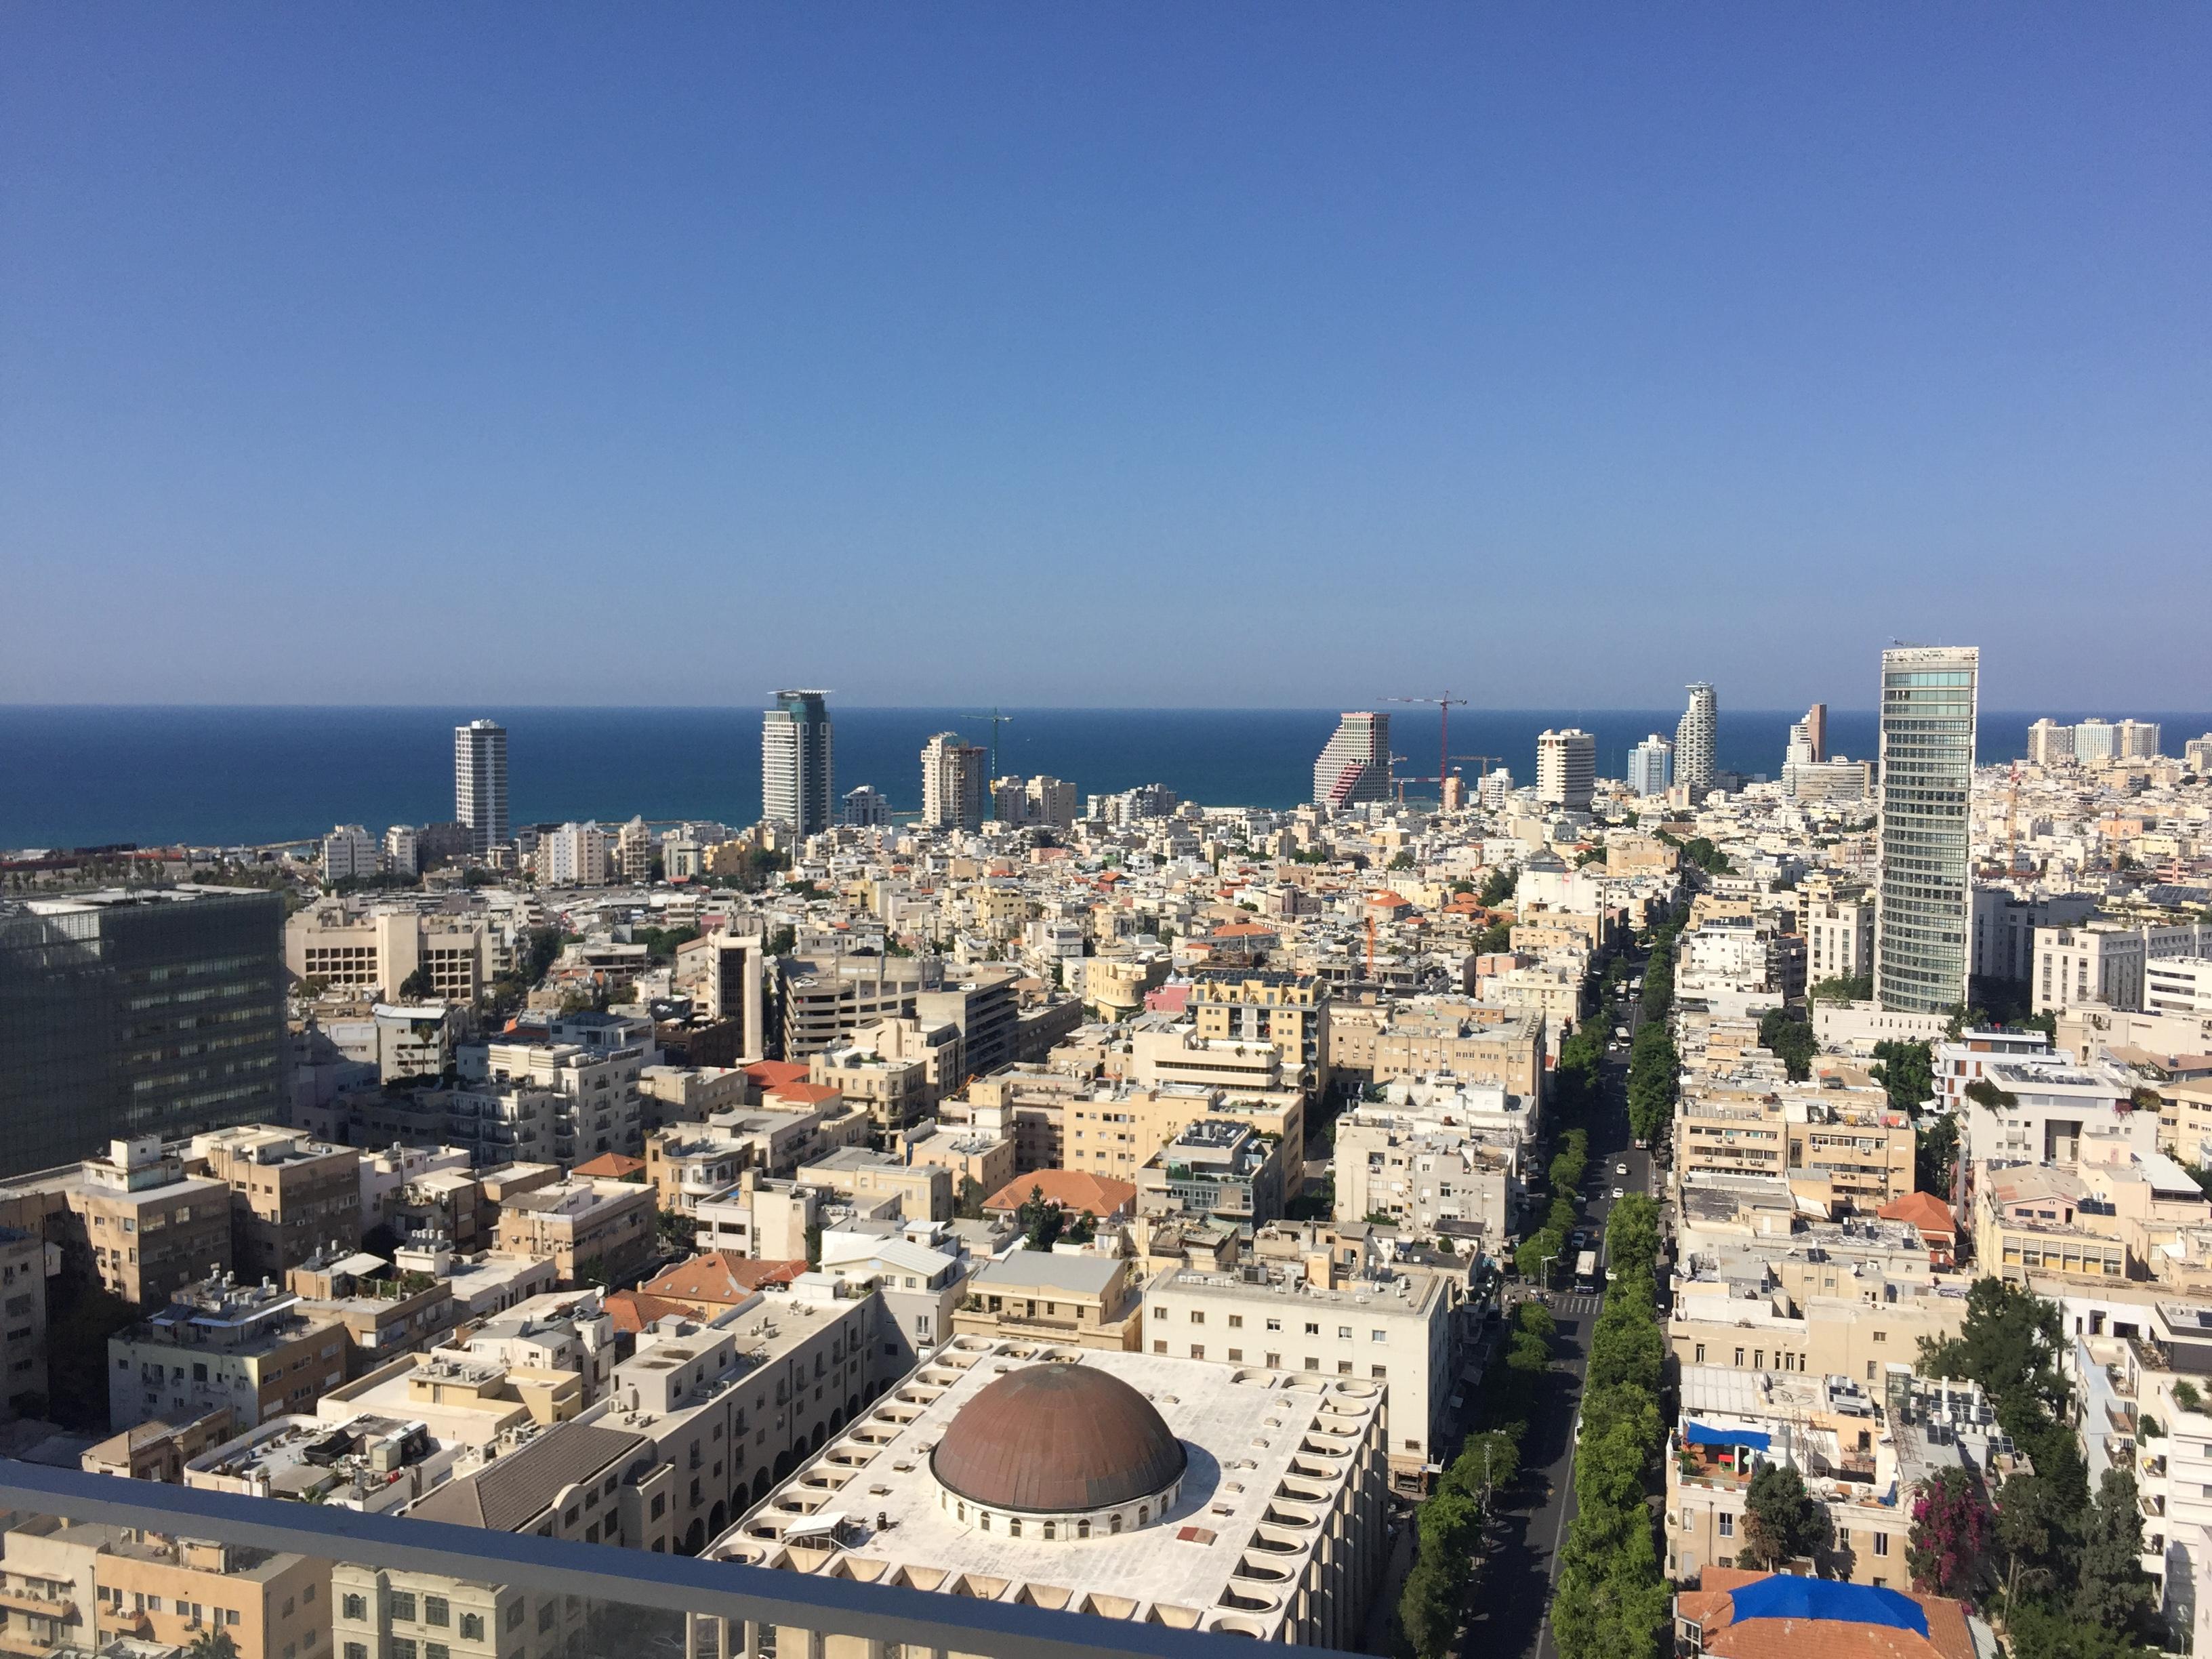 Luxury 2BR Apartment for Rent in the Meier on Rothschild Tower in Tel Aviv